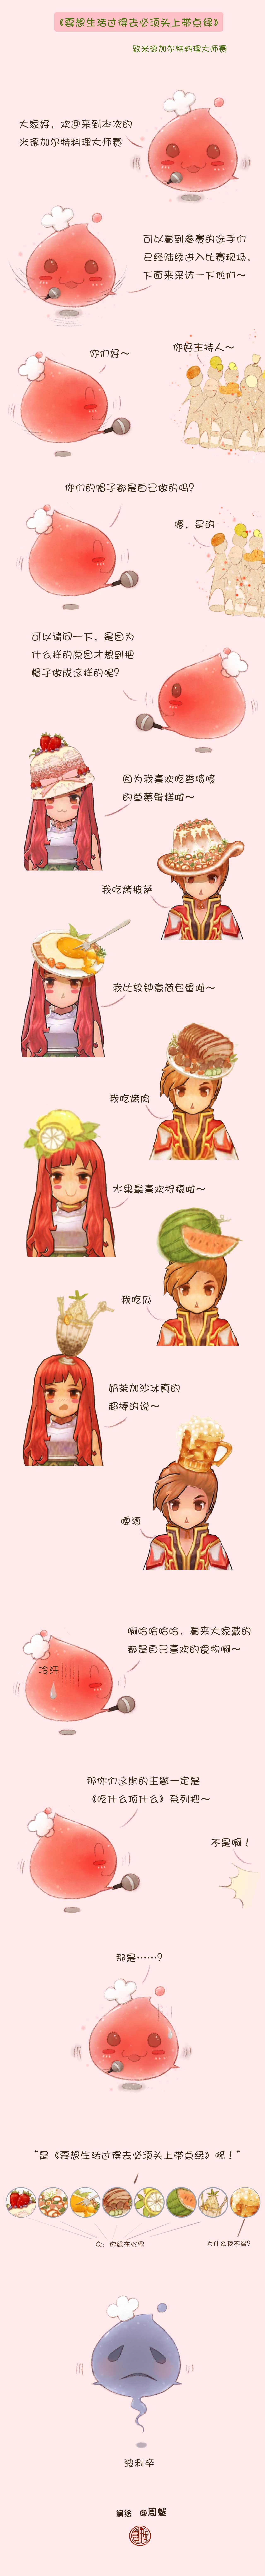 《食物》小条漫2.jpg